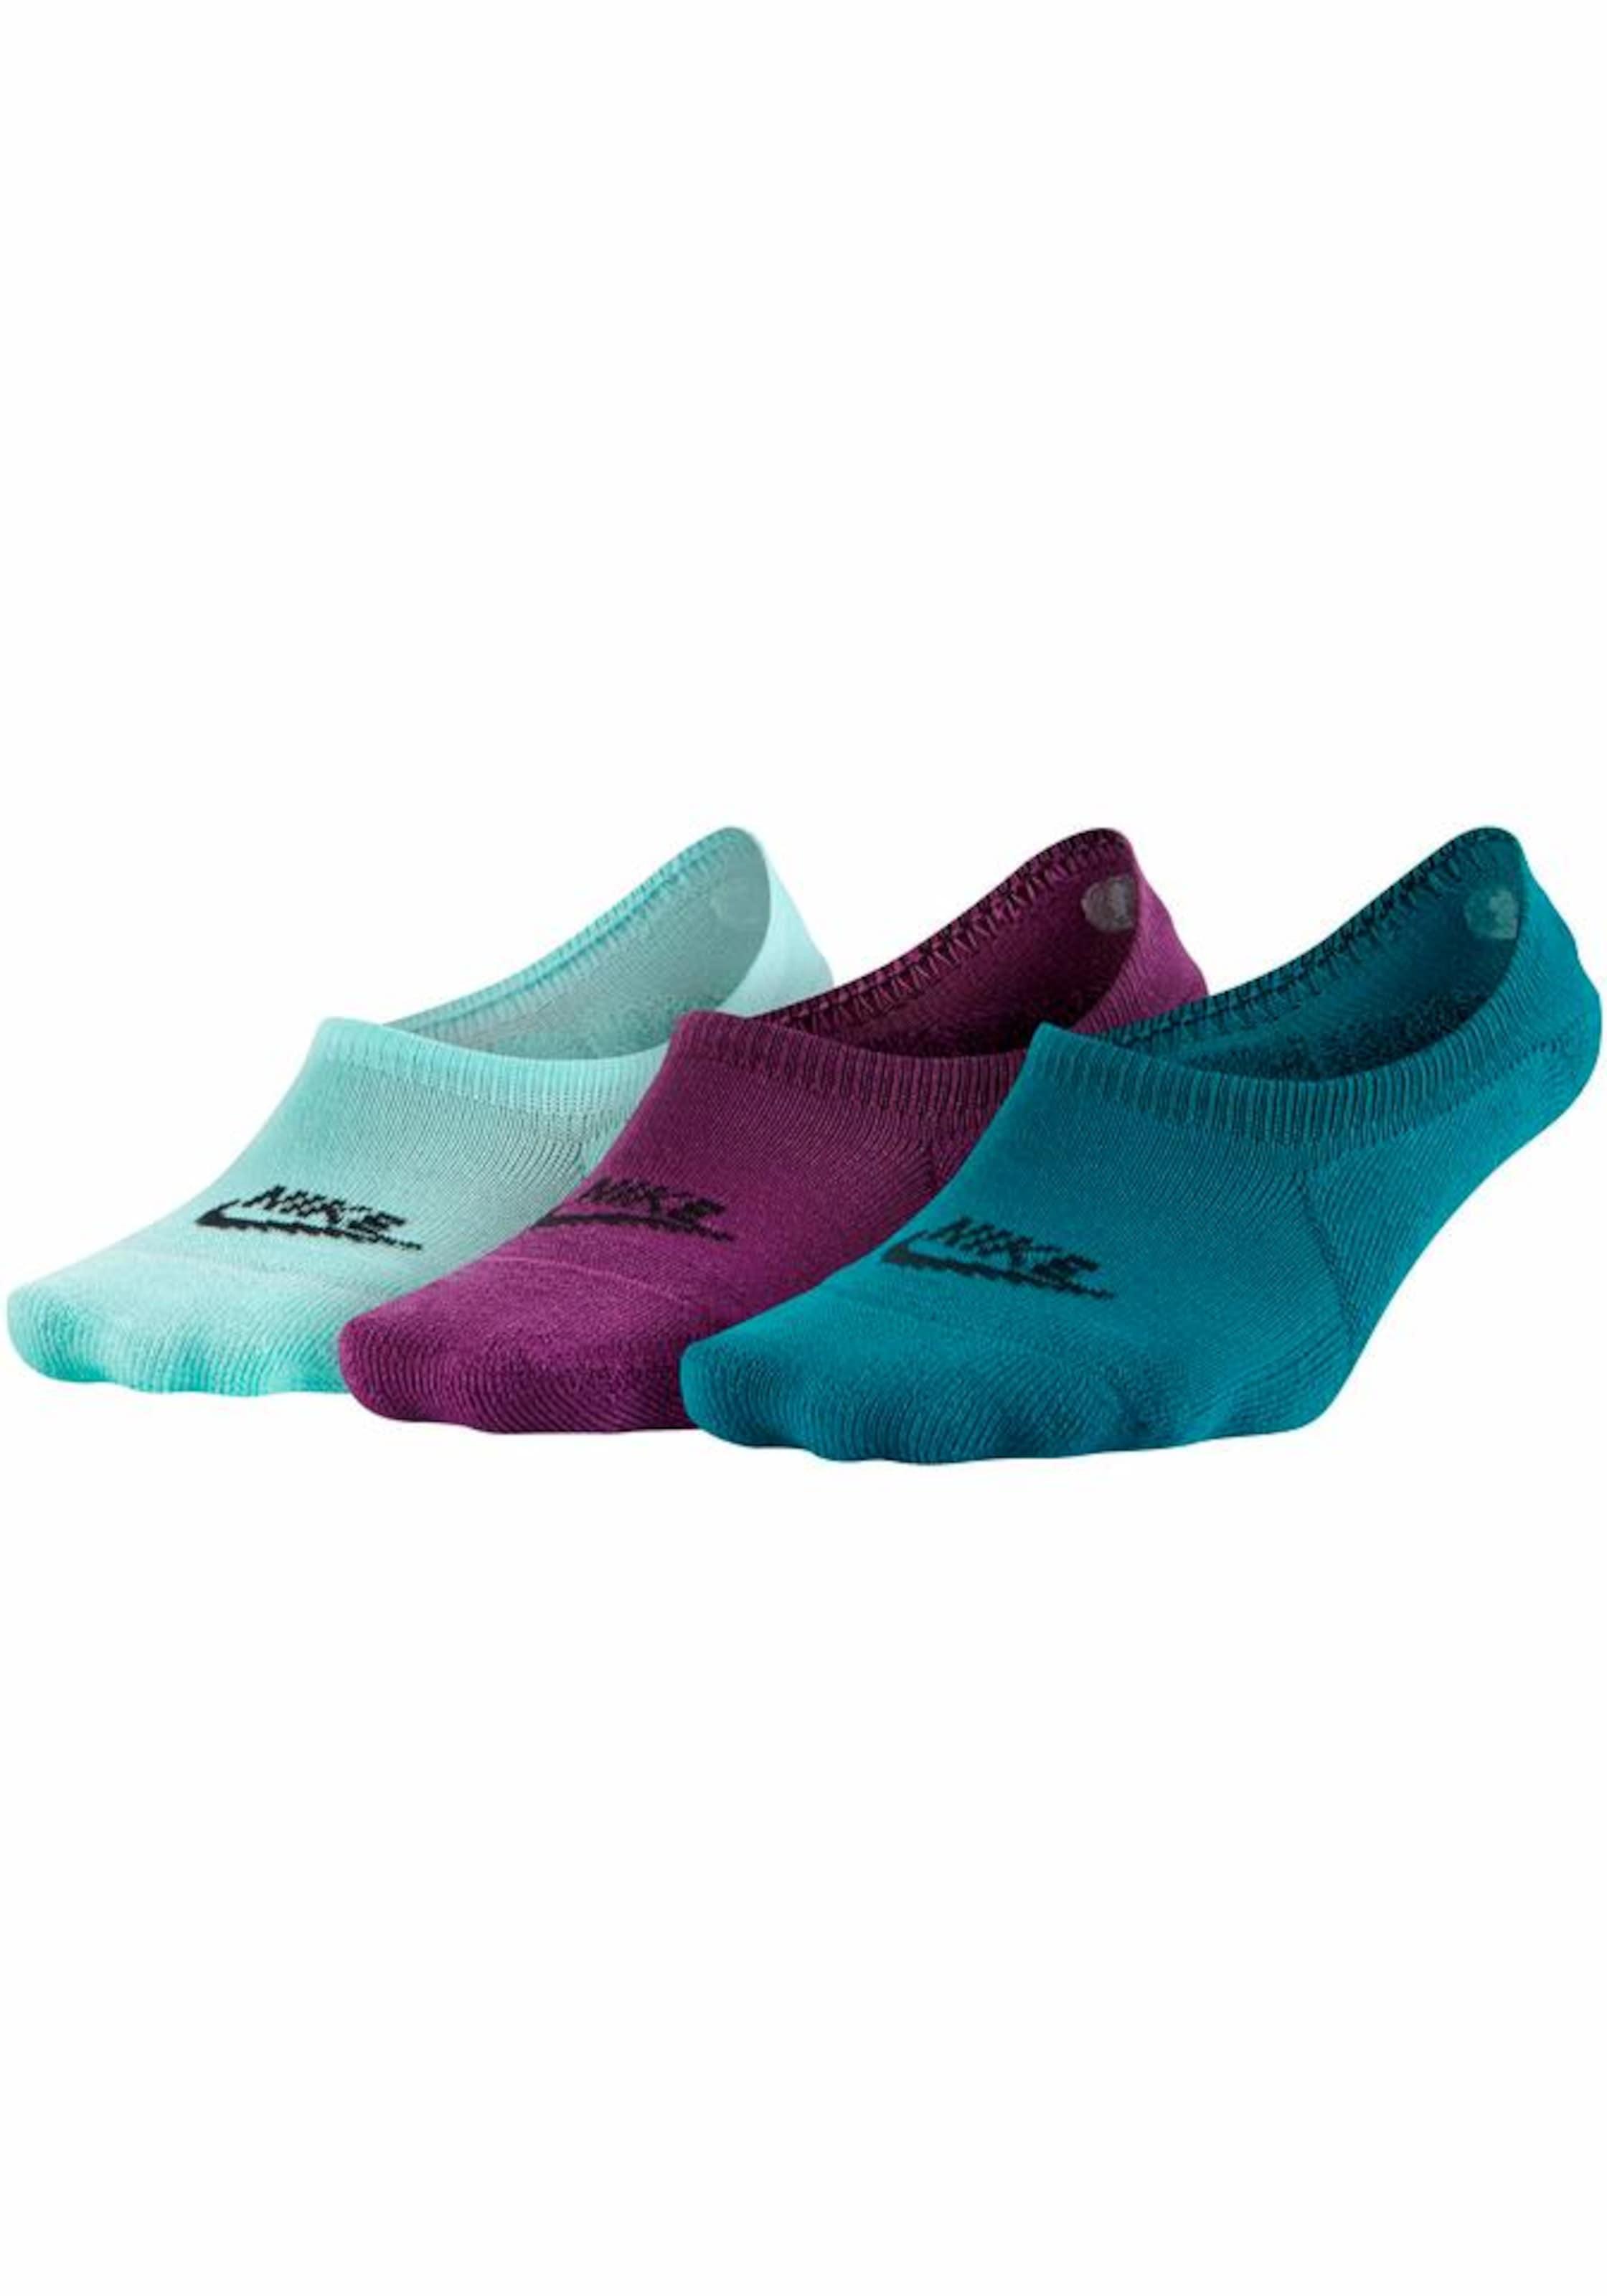 Nike Sportswear Geschlossene Füßlinge mit Frottee Freies Verschiffen Sammlungen Verkauf Zahlung Mit Visa 398p08q